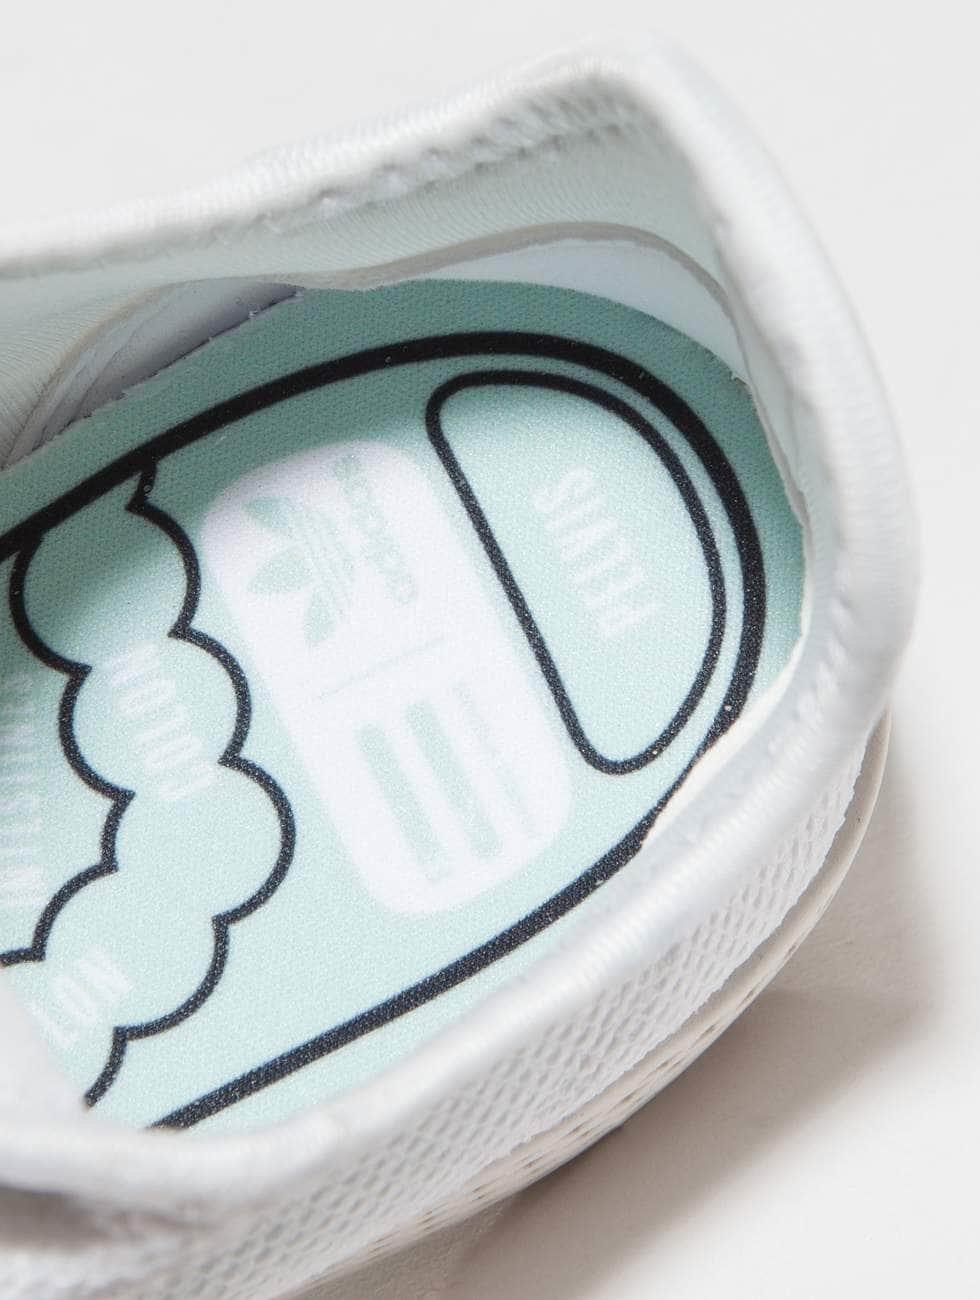 Gratis Verzending Goedkope Kwaliteit adidas originals schoen / sneaker Pw Tennis Hu in wit 437299 Uitlaat Met Mastercard Outlet 100% Origineel Nieuw Bezoek bijzonder SF9ZZ64mcY